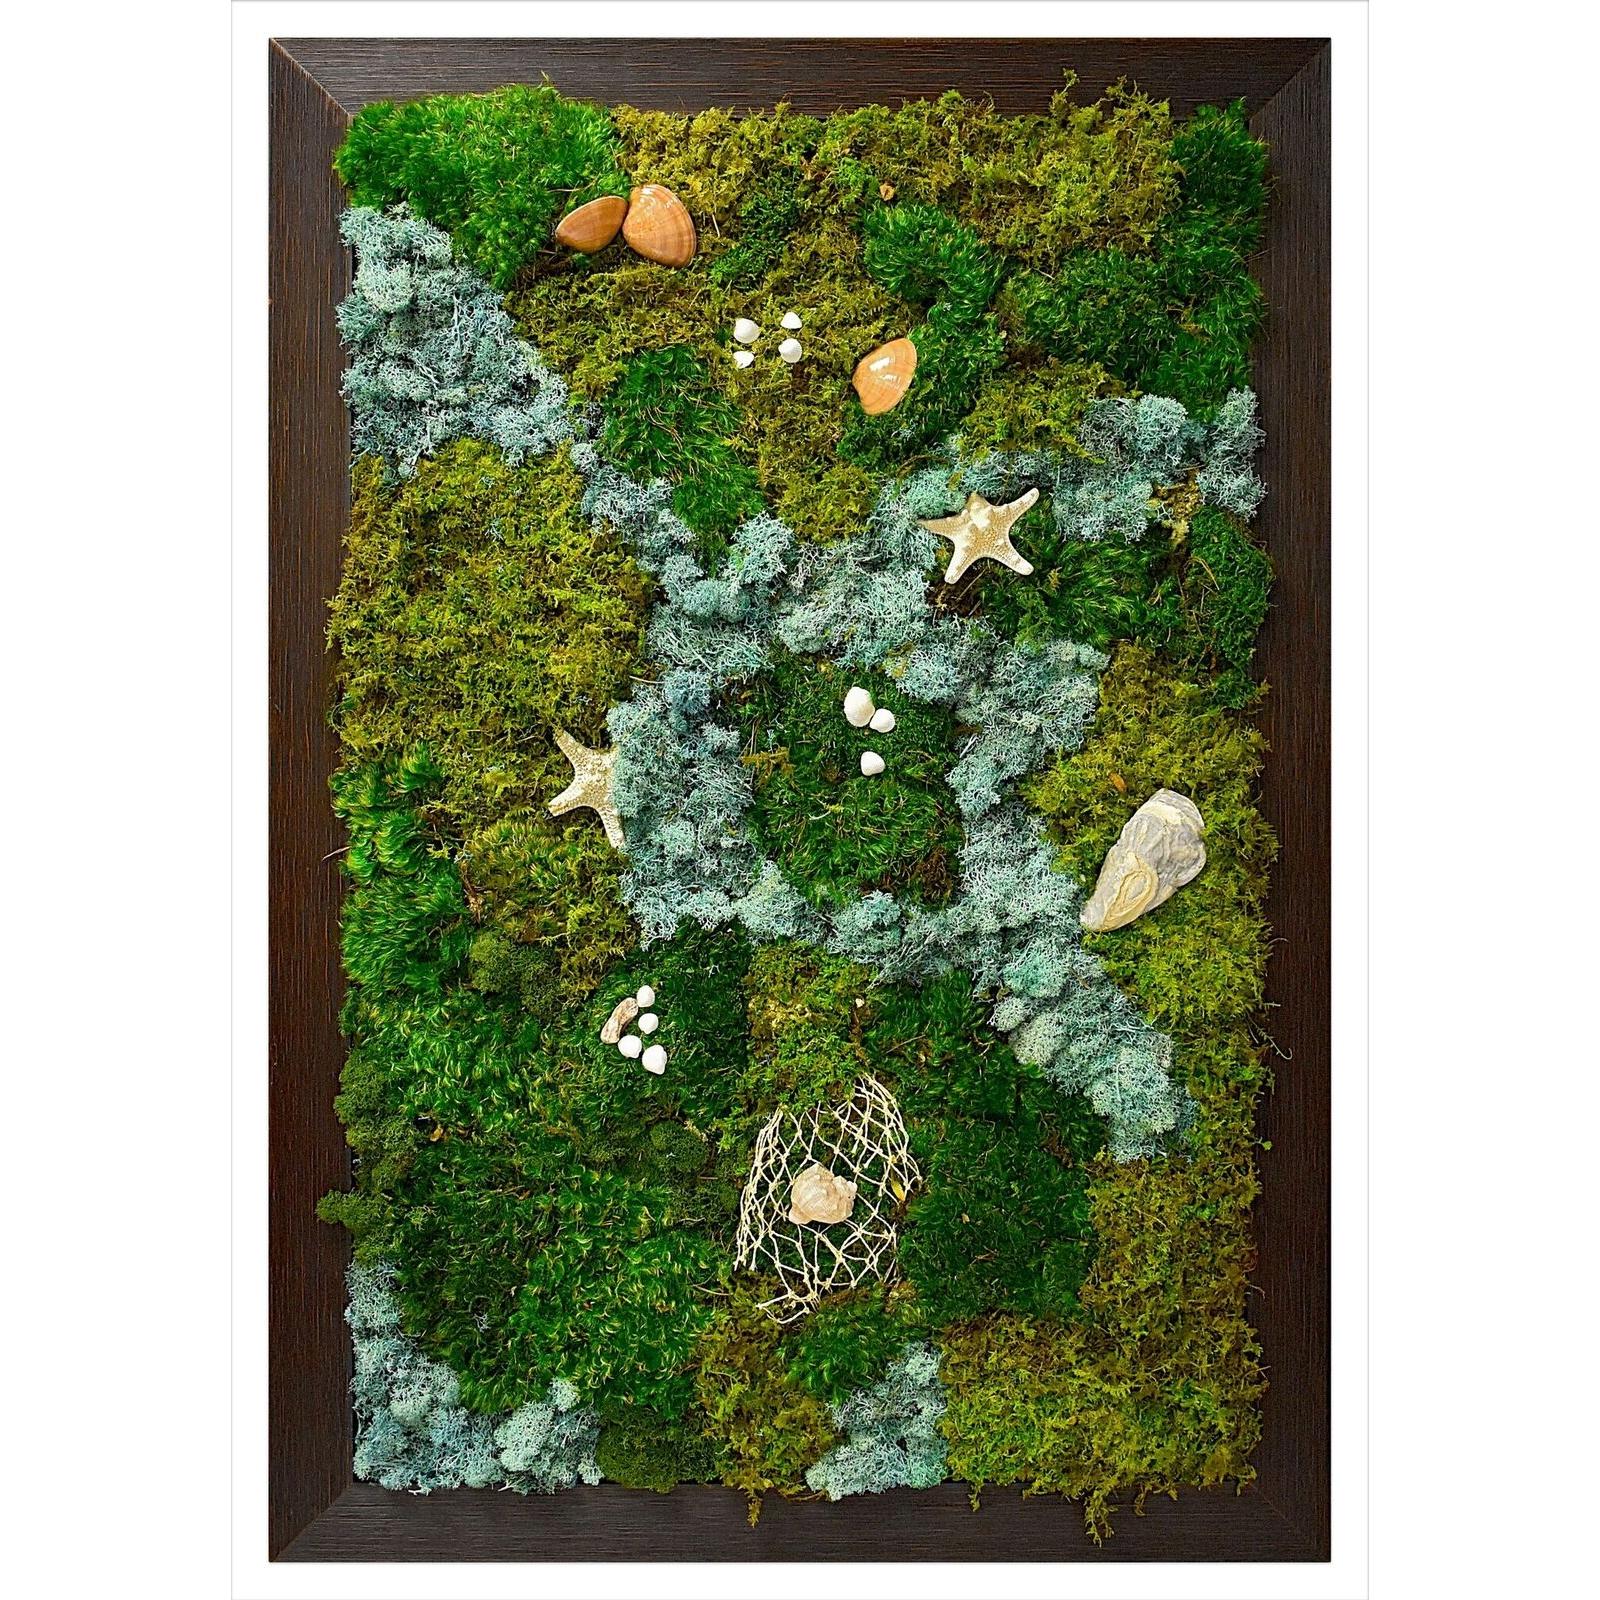 Moss Wall Ocean Art | Luludi Living Art | Kaufmann Mercantile within Moss Wall Art (Image 13 of 20)